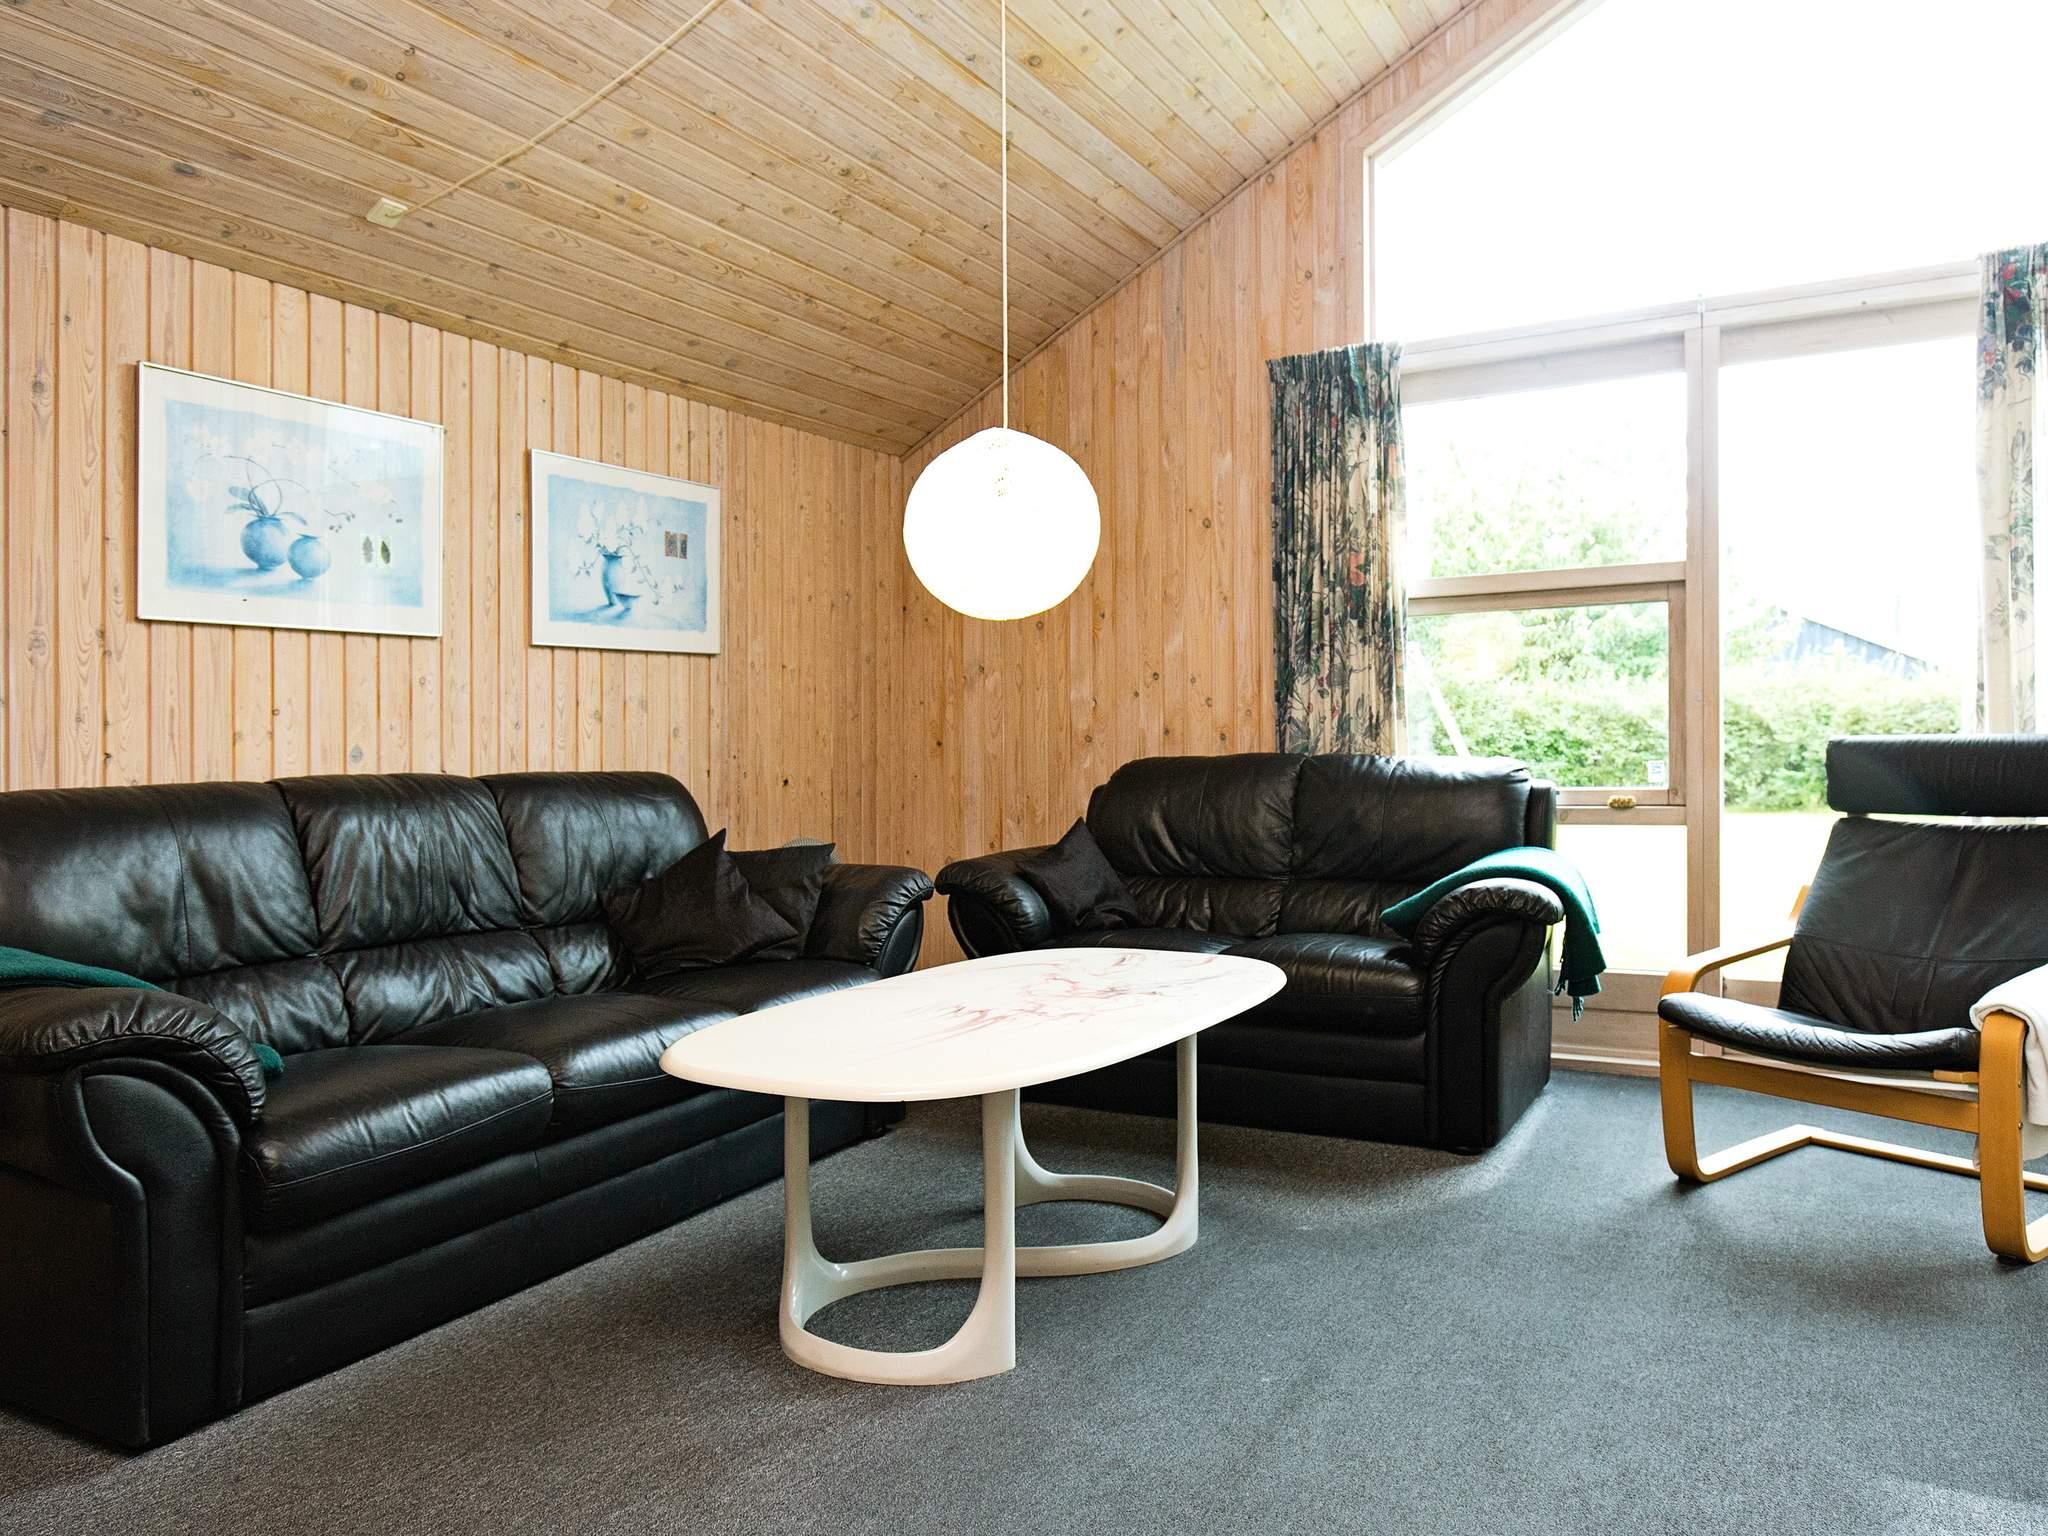 Ferienhaus Hummingen (84295), Hummingen, , Lolland, Dänemark, Bild 2